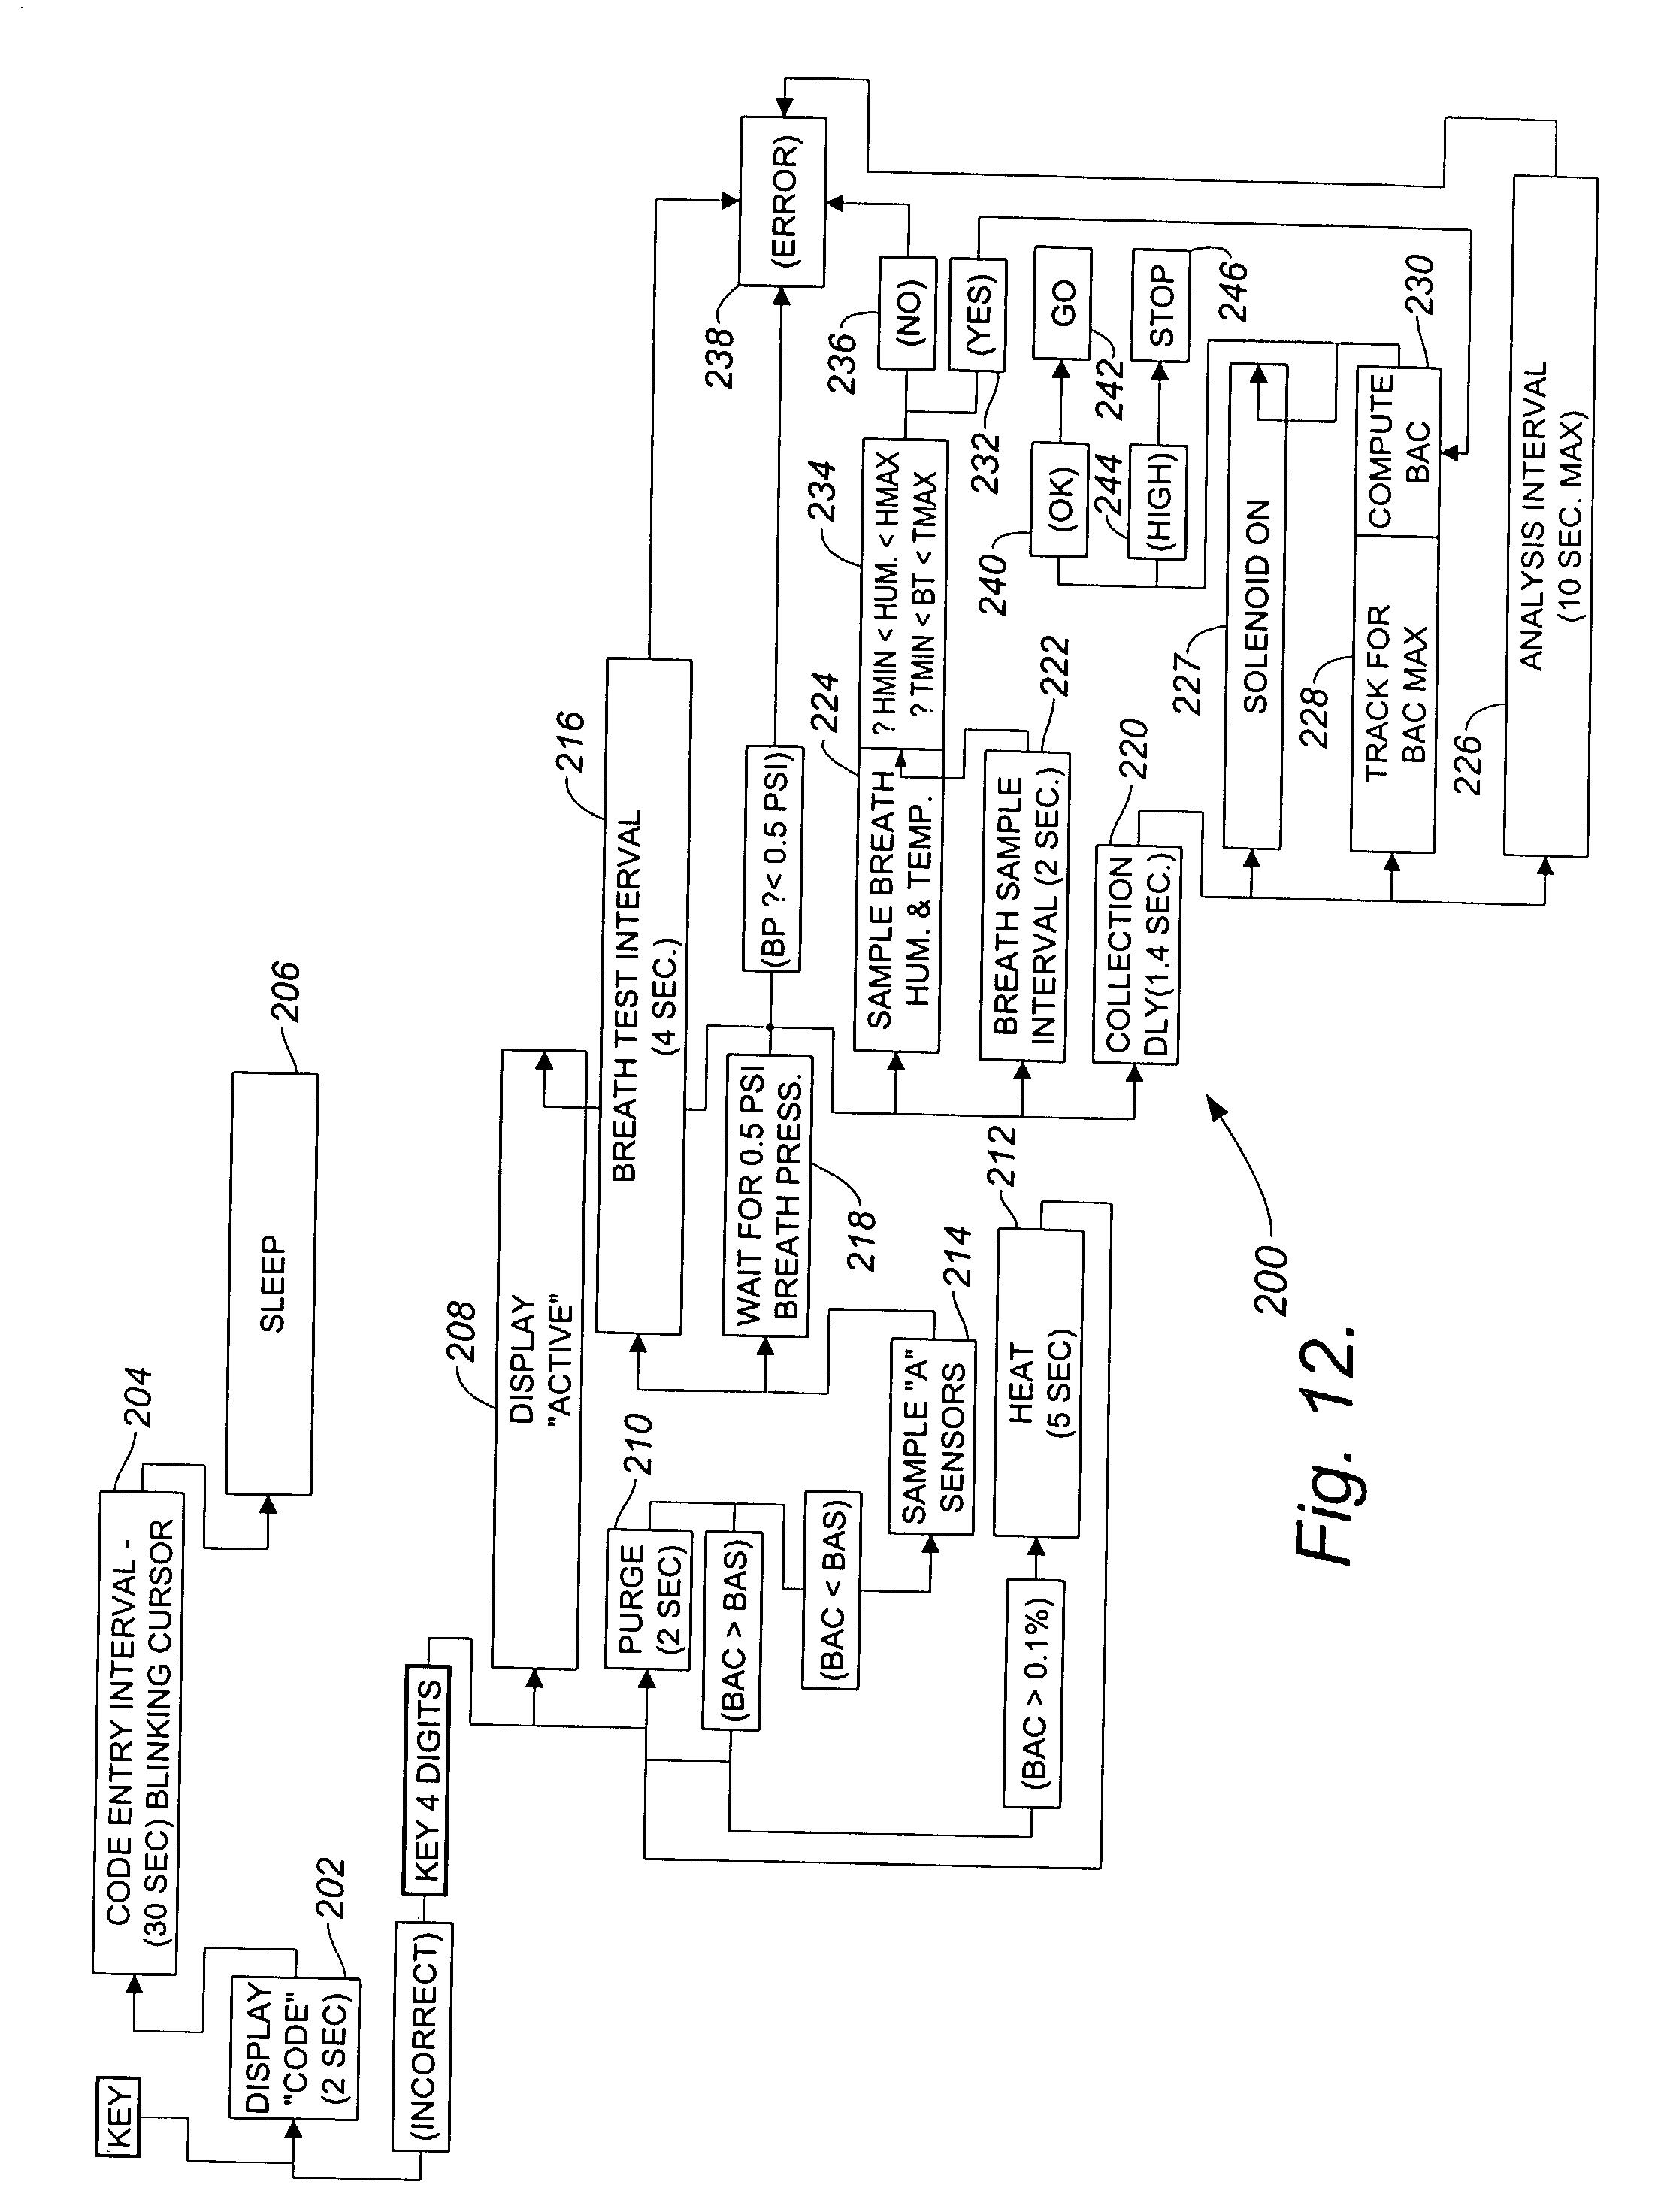 patent us20030183437